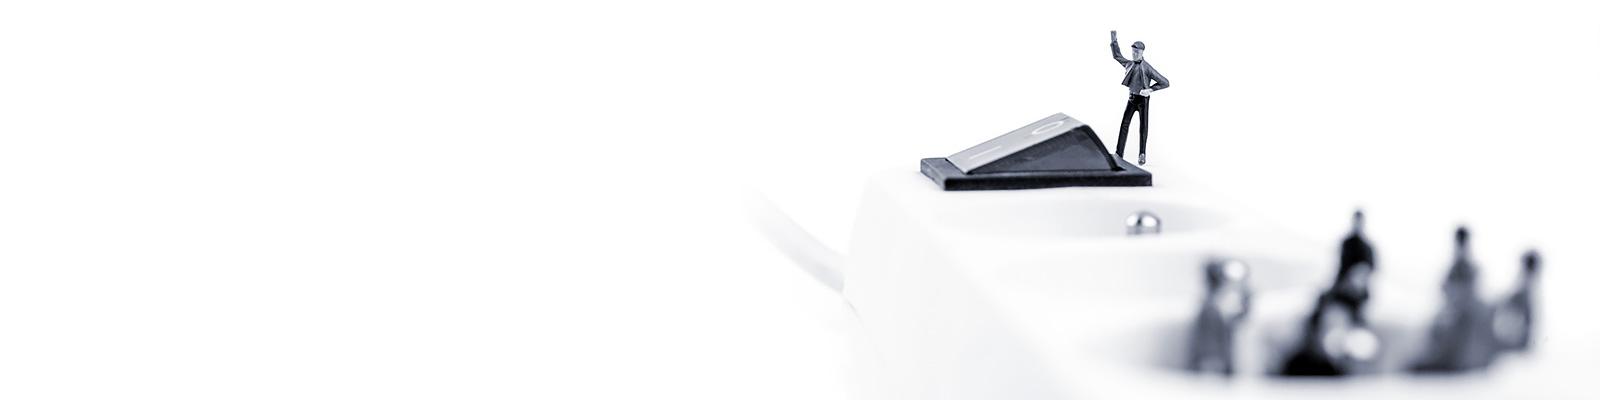 ボタン IoT イメージ